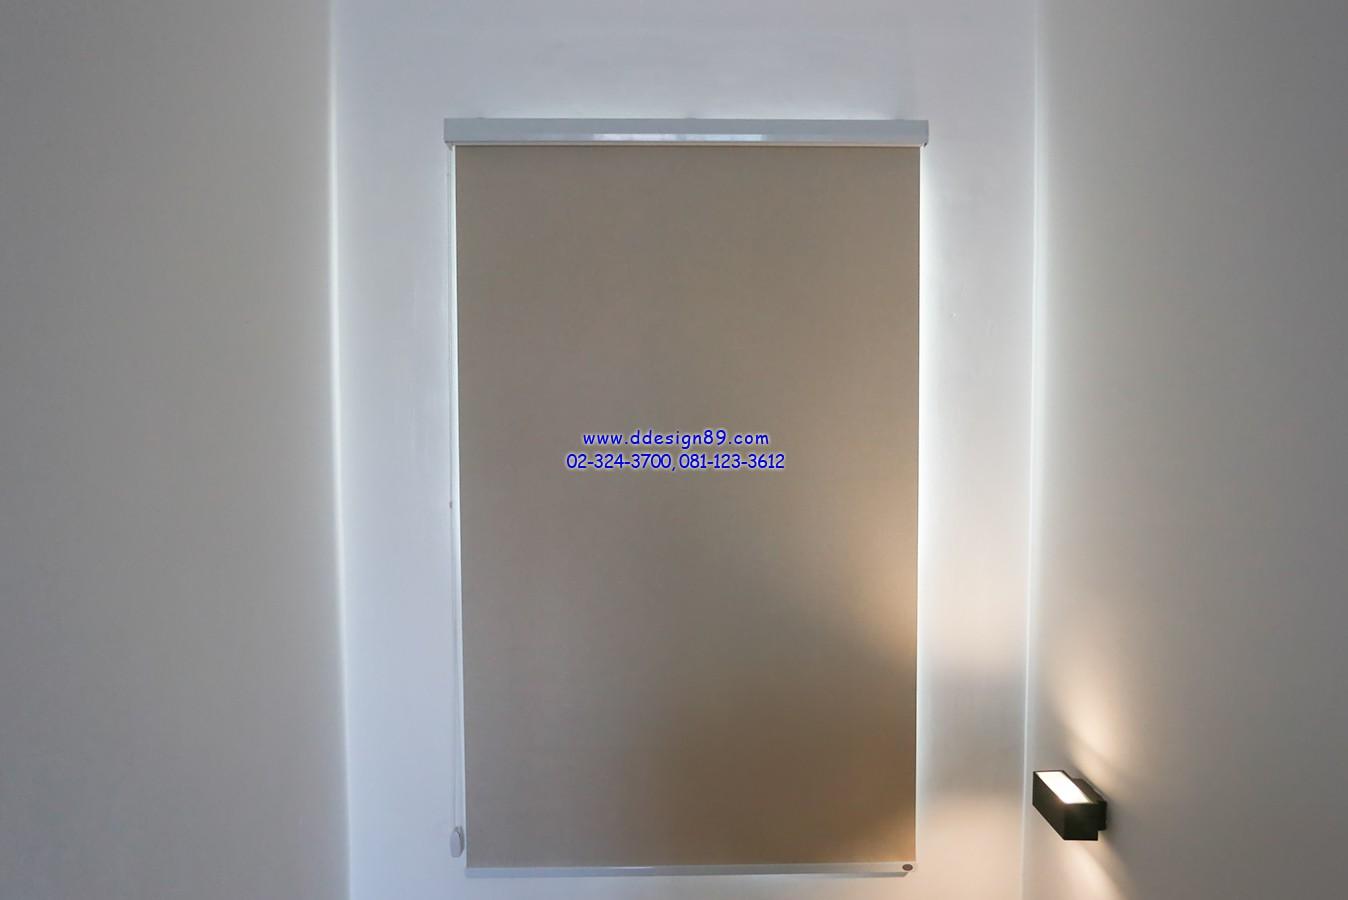 ม่านม้วนติดในบ้าน ช่วยพรางสายตา ป้องกันความร้อนจากแสงแดด ทั้งยังใช้งานง่ายจึงได้รับความนิยมอย่างมาก